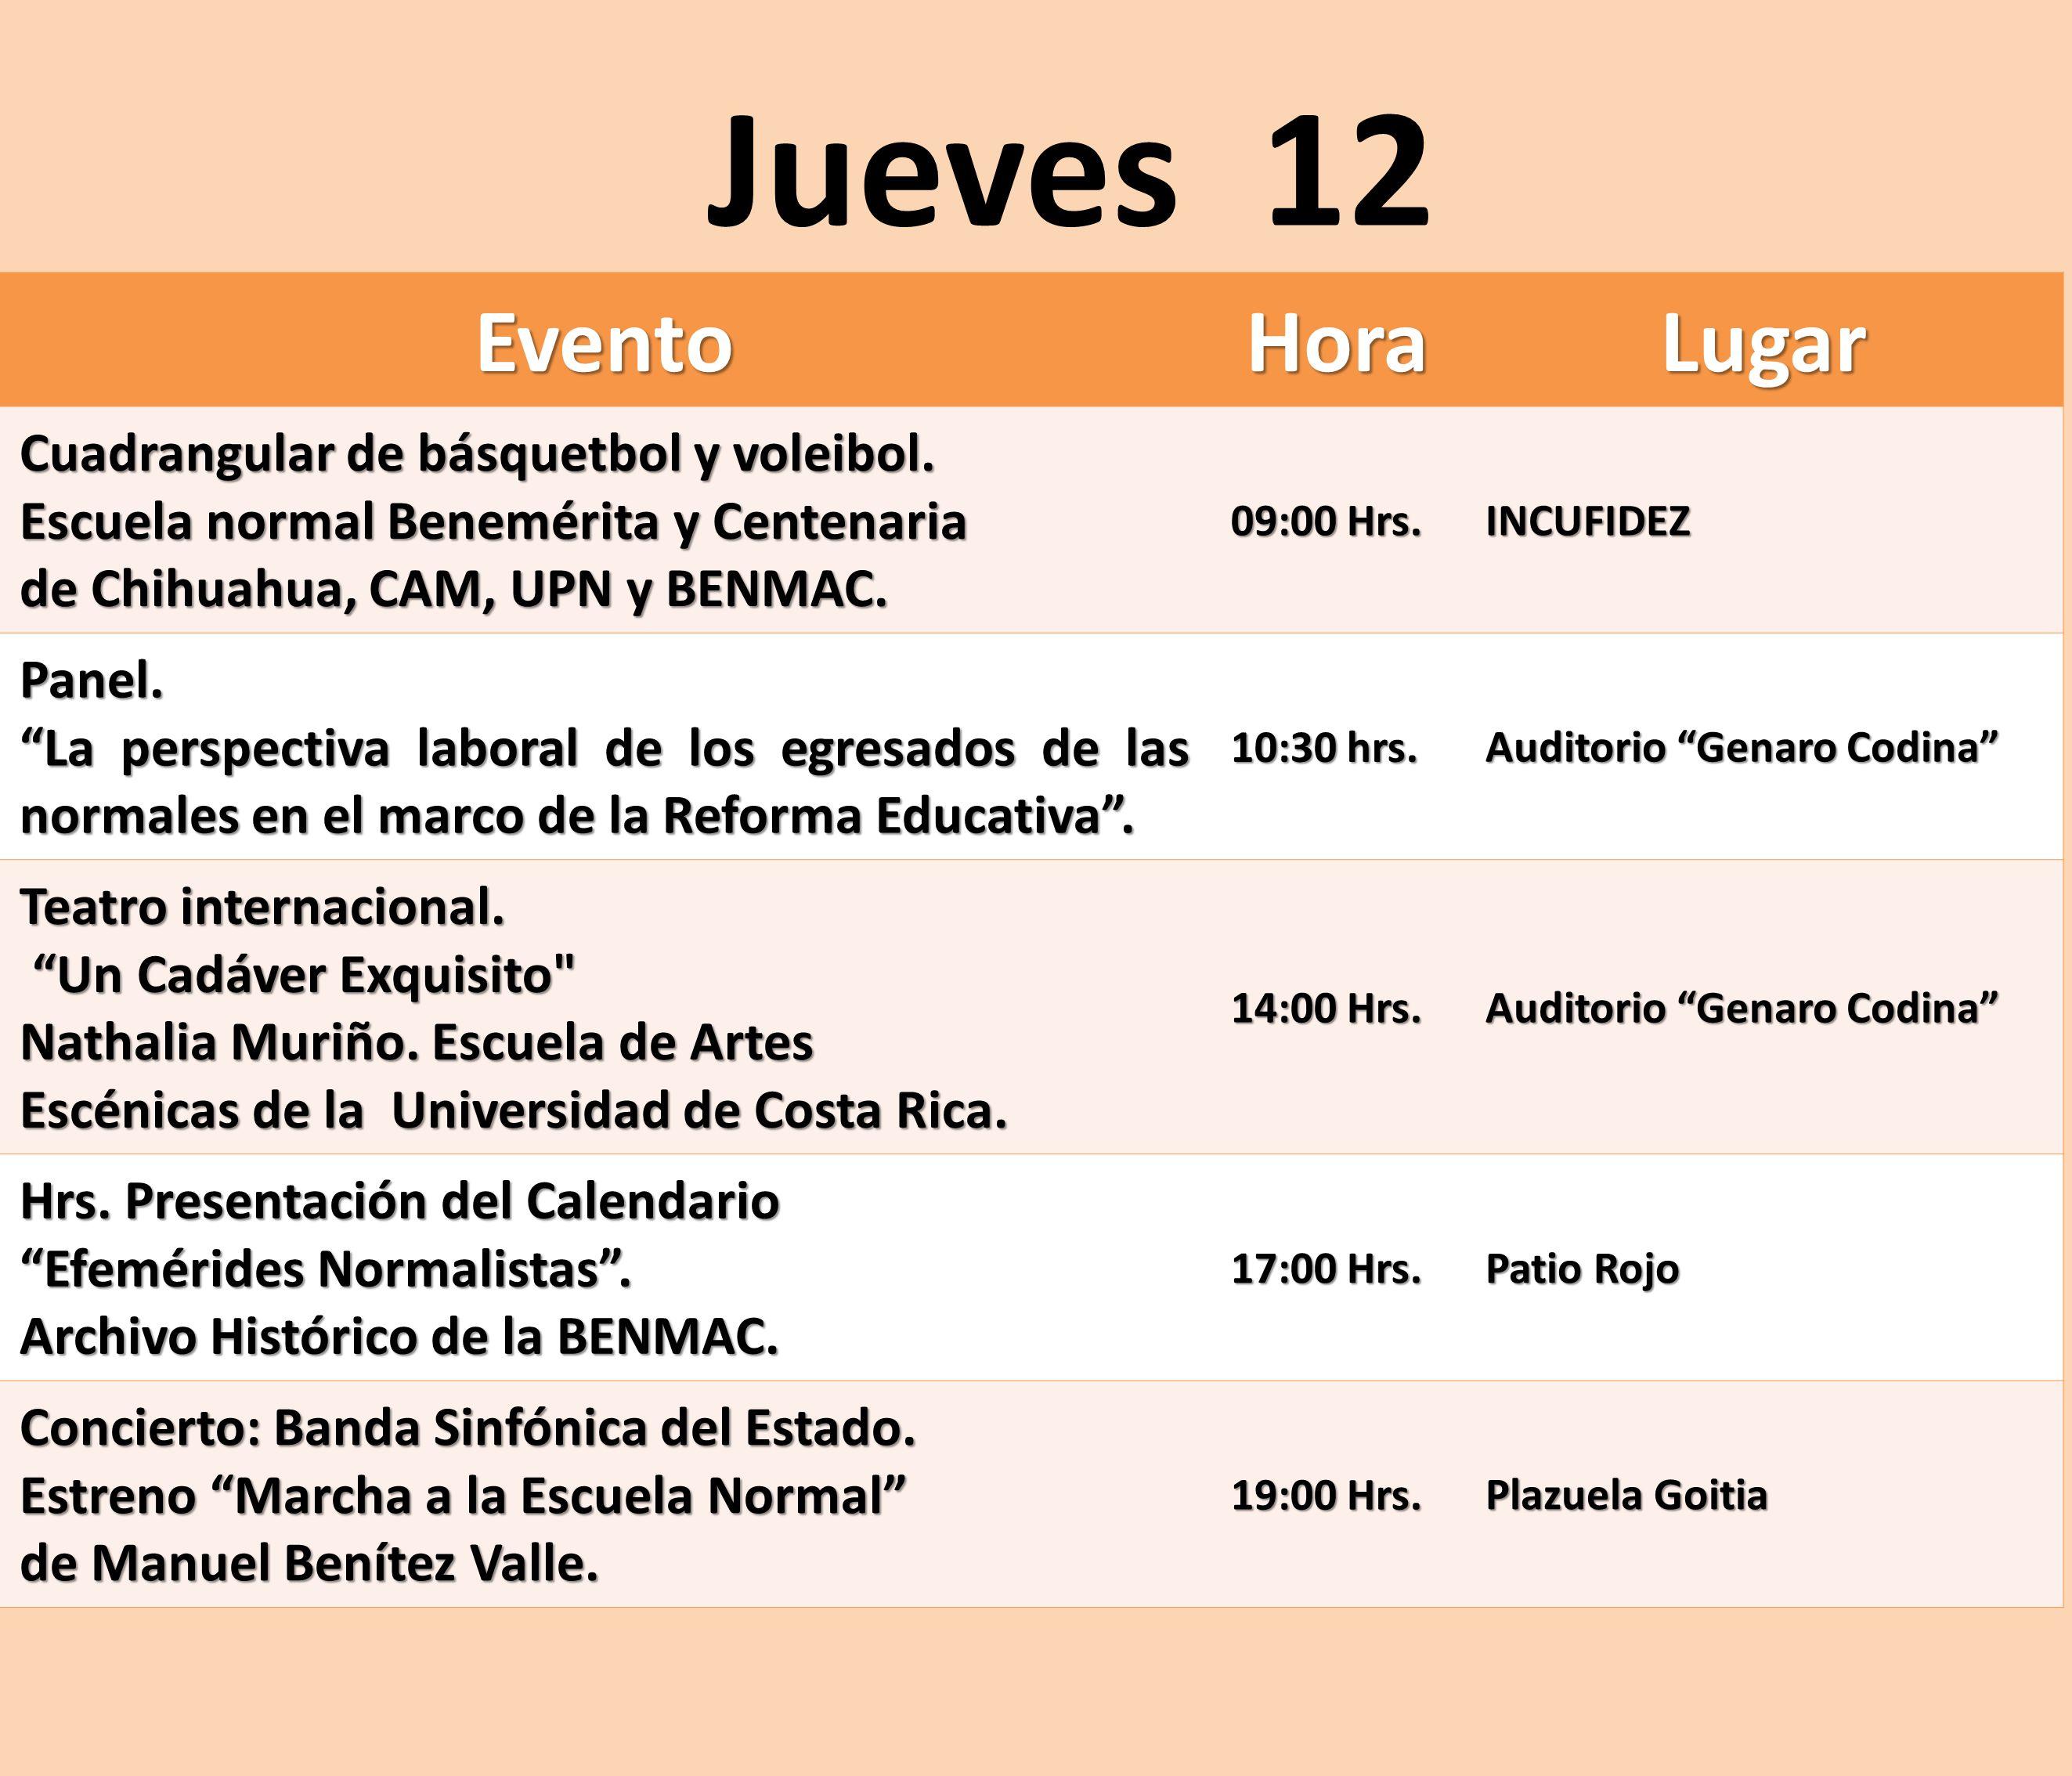 Jueves 12 Evento Hora Lugar Cuadrangular de básquetbol y voleibol.